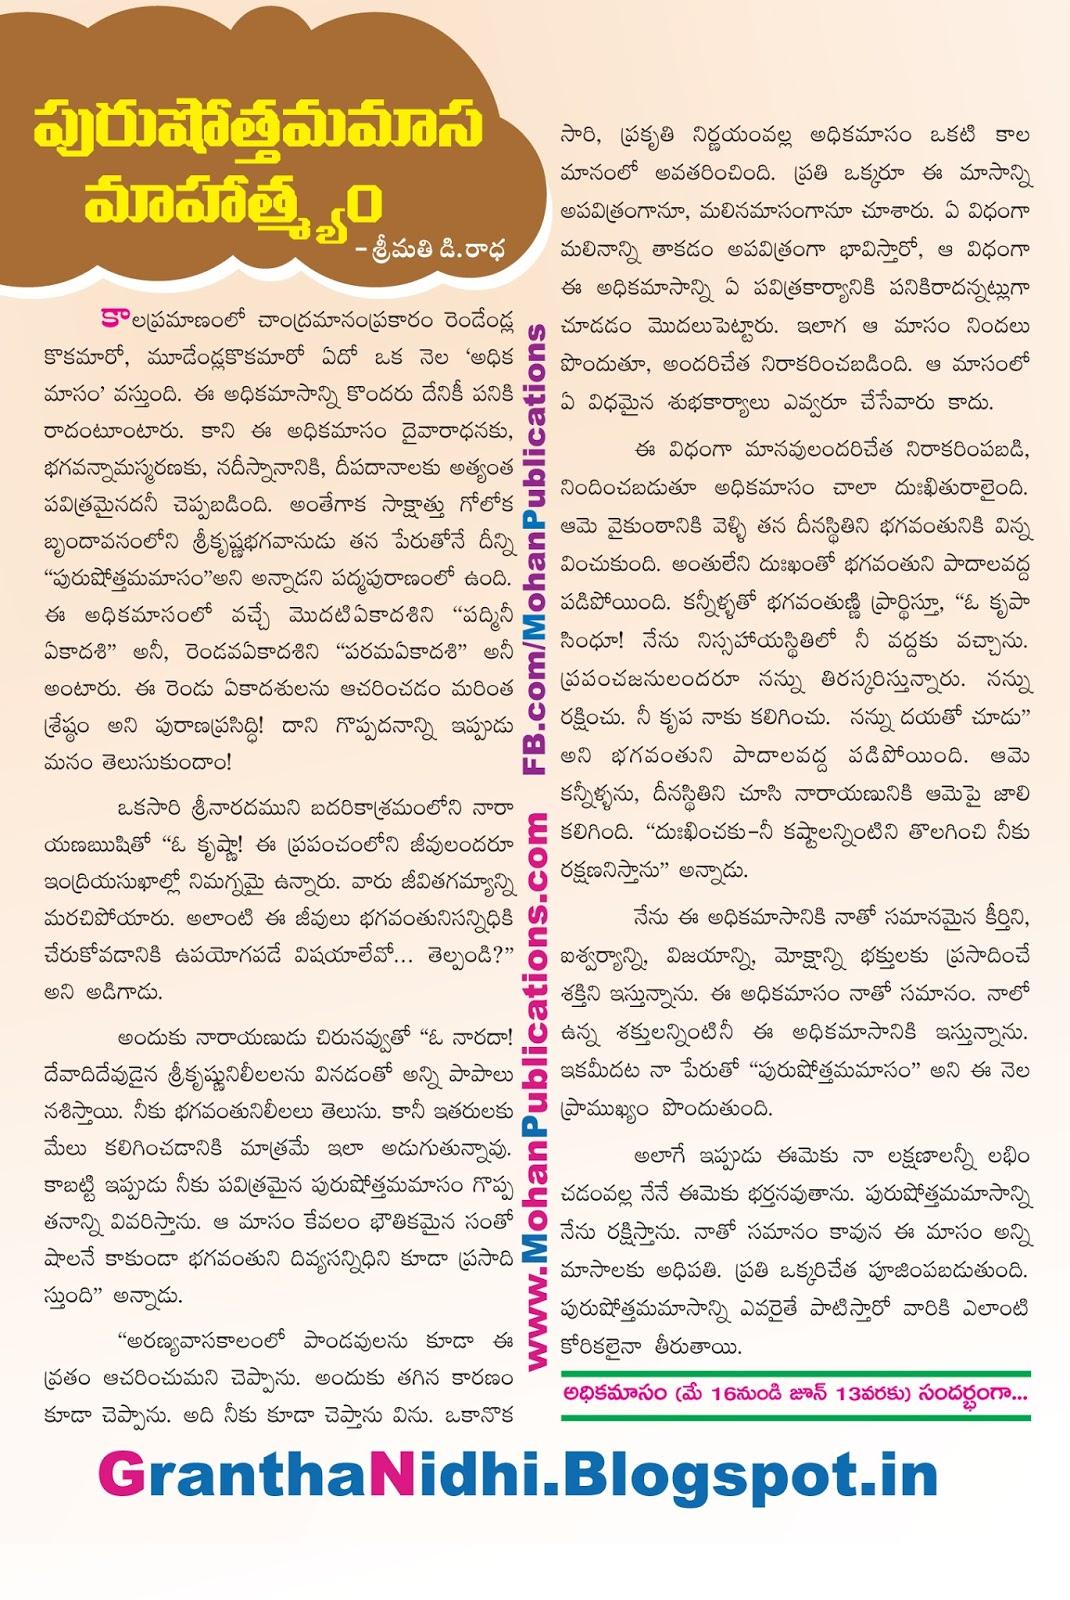 పురుషోత్తమ మాస మాహాత్మ్యం Adhikamasam Pramukyatha Additional masa in chandramana adhikamasam lord vishnu lord vishnumurthi lord vishnumurthy ttd ttd ebooks tirumala tirupathi tirumala Publications in Rajahmundry, Books Publisher in Rajahmundry, Popular Publisher in Rajahmundry, BhaktiPustakalu, Makarandam, Bhakthi Pustakalu, JYOTHISA,VASTU,MANTRA, TANTRA,YANTRA,RASIPALITALU, BHAKTI,LEELA,BHAKTHI SONGS, BHAKTHI,LAGNA,PURANA,NOMULU, VRATHAMULU,POOJALU,  KALABHAIRAVAGURU, SAHASRANAMAMULU,KAVACHAMULU, ASHTORAPUJA,KALASAPUJALU, KUJA DOSHA,DASAMAHAVIDYA, SADHANALU,MOHAN PUBLICATIONS, RAJAHMUNDRY BOOK STORE, BOOKS,DEVOTIONAL BOOKS, KALABHAIRAVA GURU,KALABHAIRAVA, RAJAMAHENDRAVARAM,GODAVARI,GOWTHAMI, FORTGATE,KOTAGUMMAM,GODAVARI RAILWAY STATION, PRINT BOOKS,E BOOKS,PDF BOOKS, FREE PDF BOOKS,BHAKTHI MANDARAM,GRANTHANIDHI, GRANDANIDI,GRANDHANIDHI, BHAKTHI PUSTHAKALU, BHAKTI PUSTHAKALU, BHAKTHI